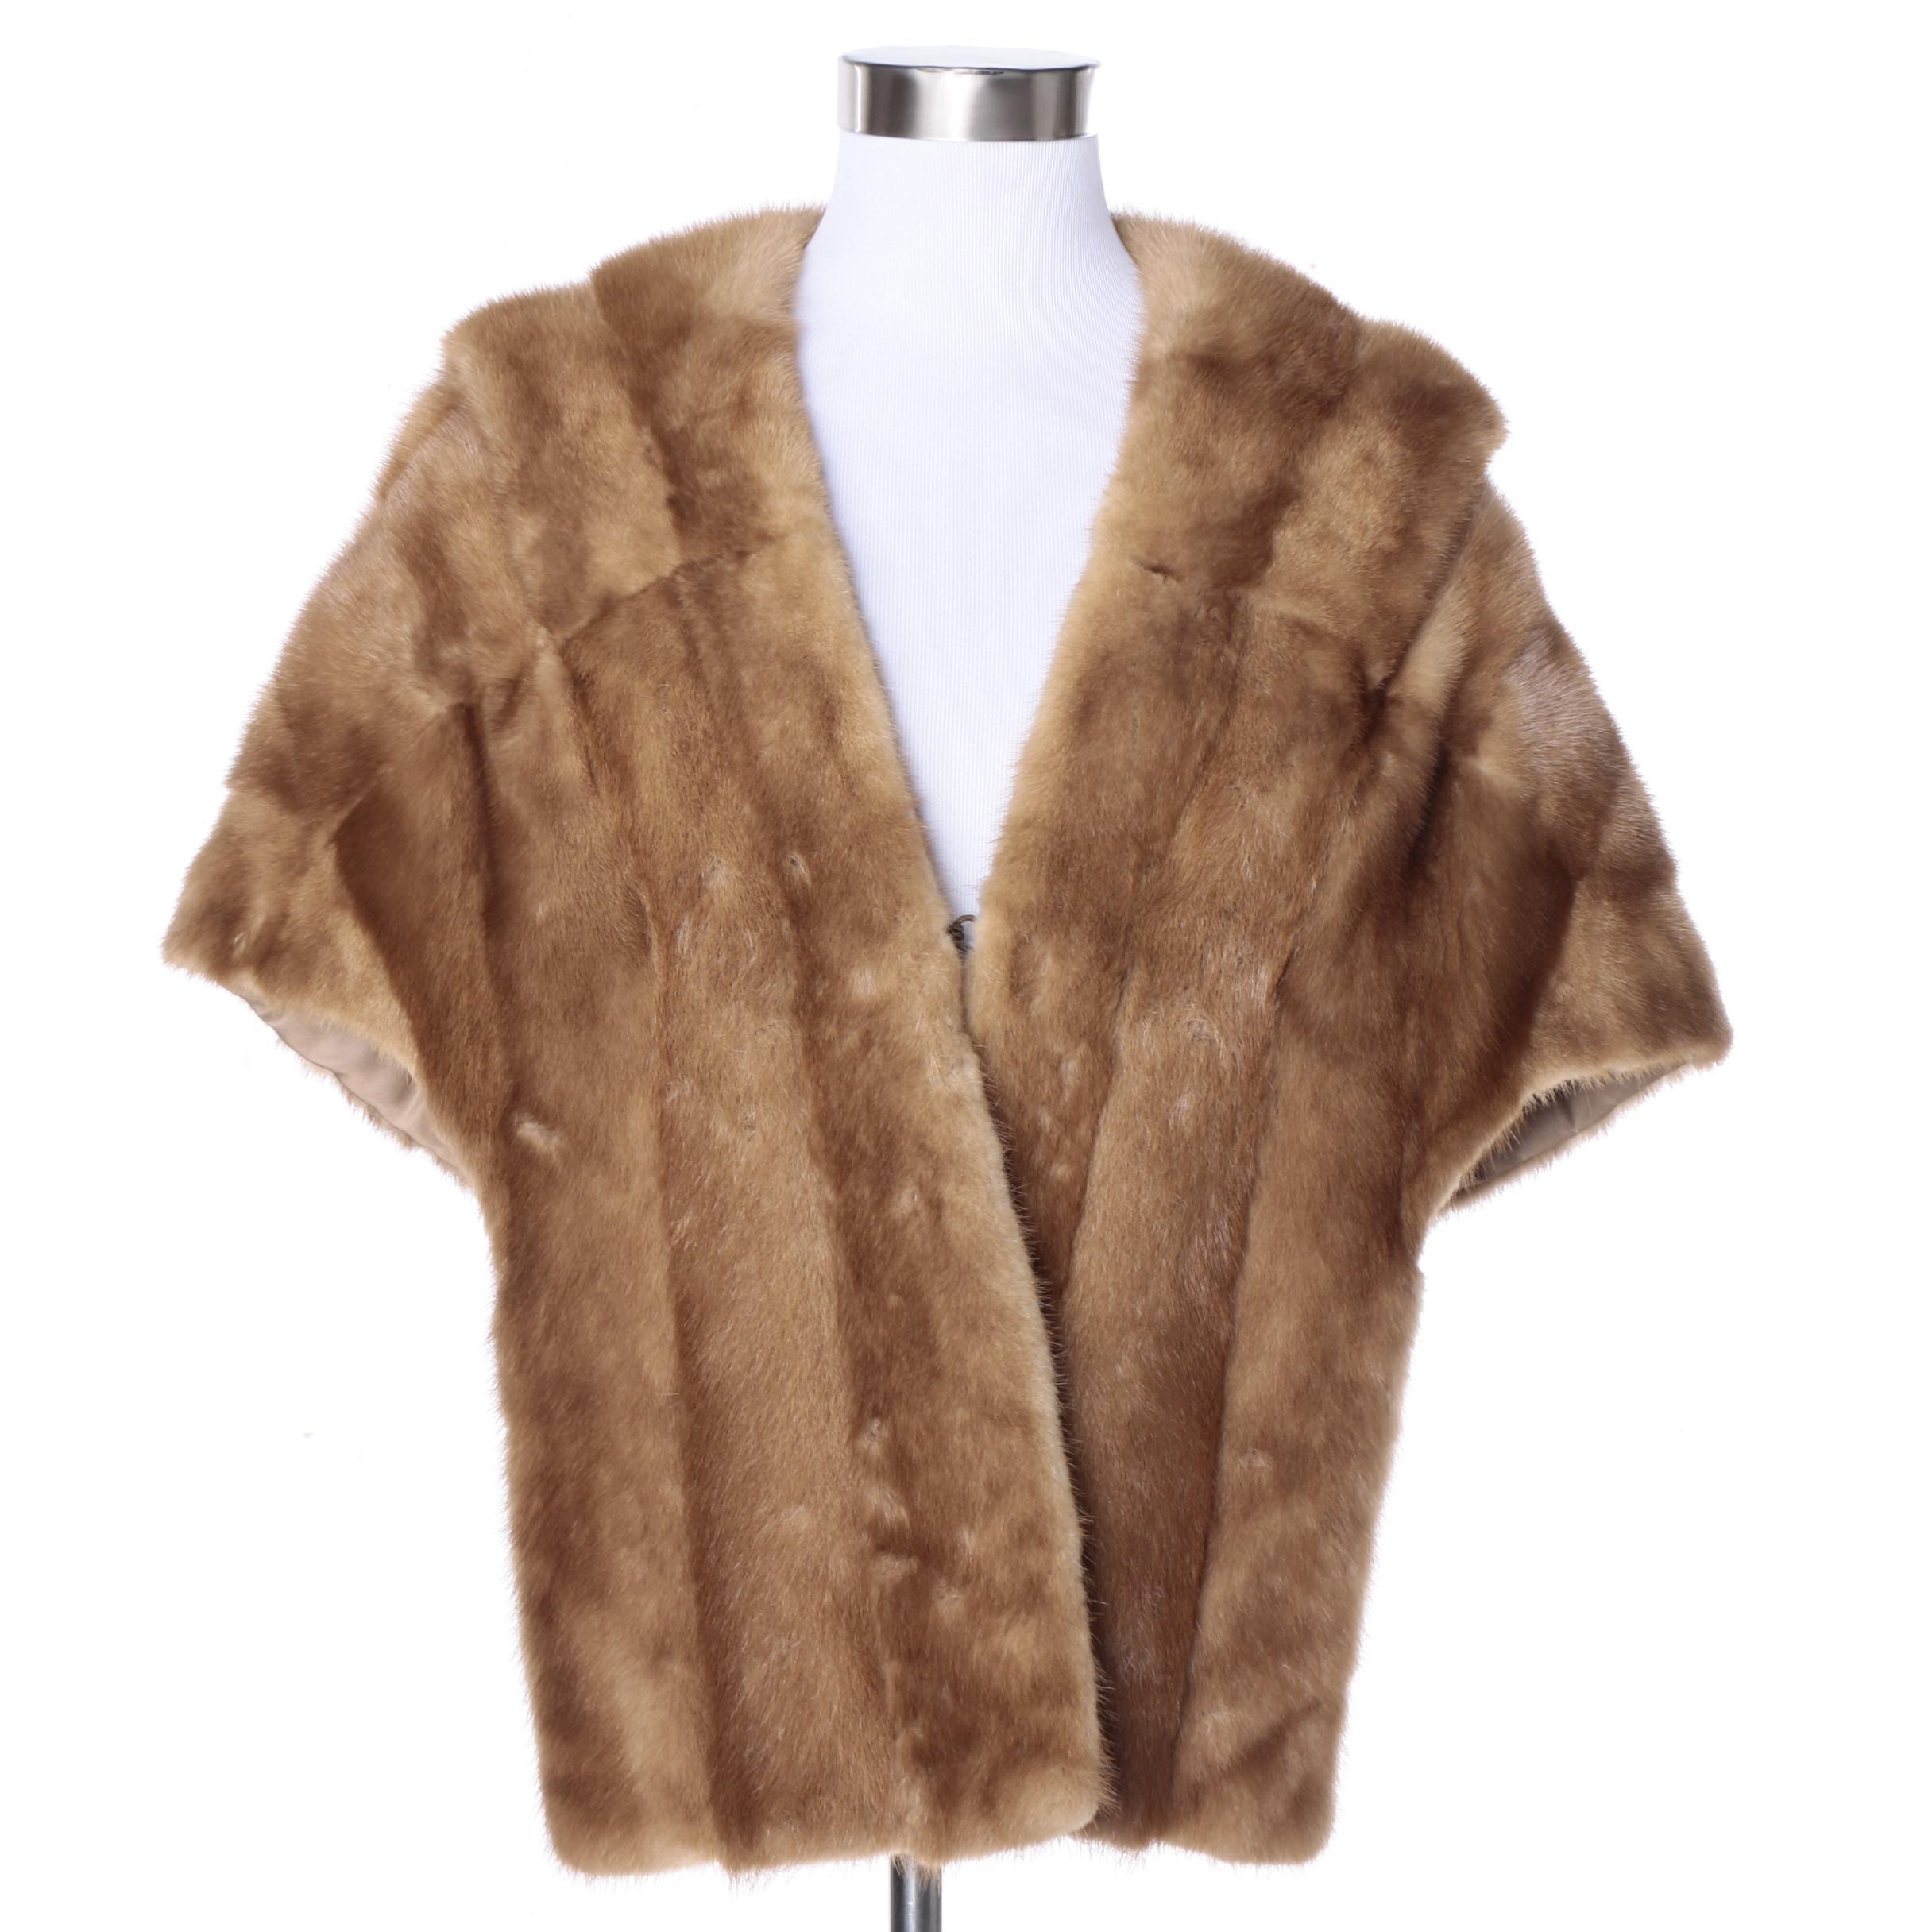 Vintage Mink Fur Stole from Daseler Furs